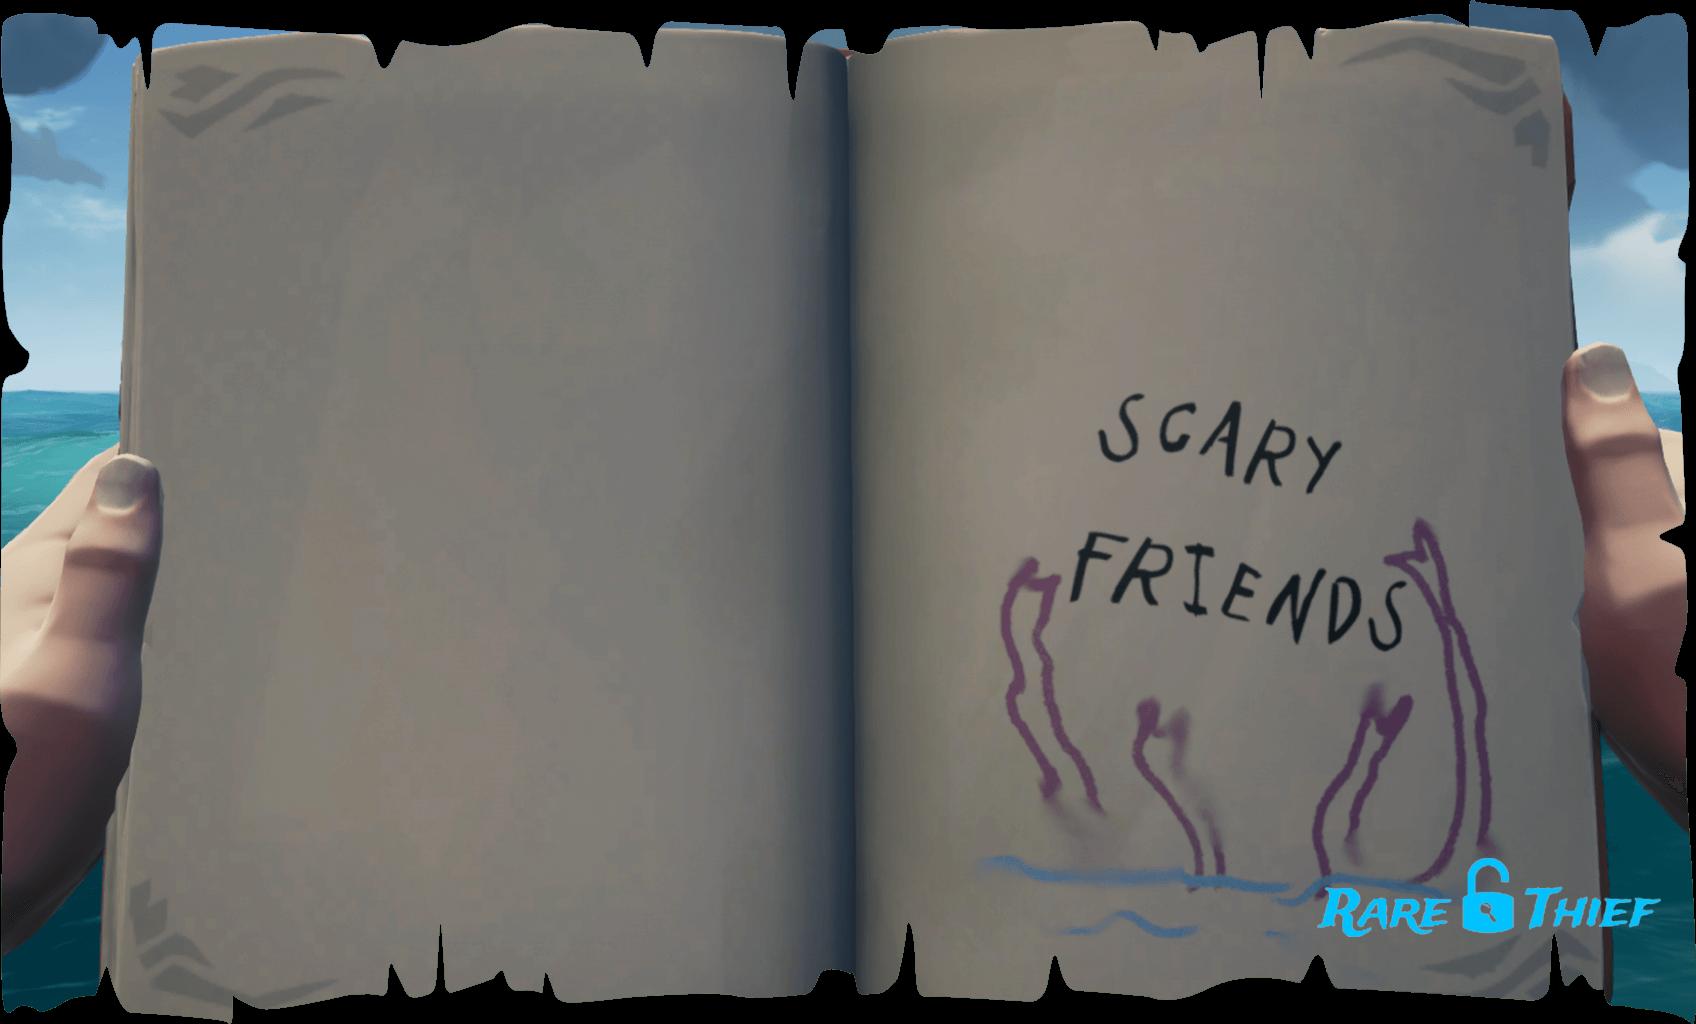 Legendary Storyteller Scary Friends